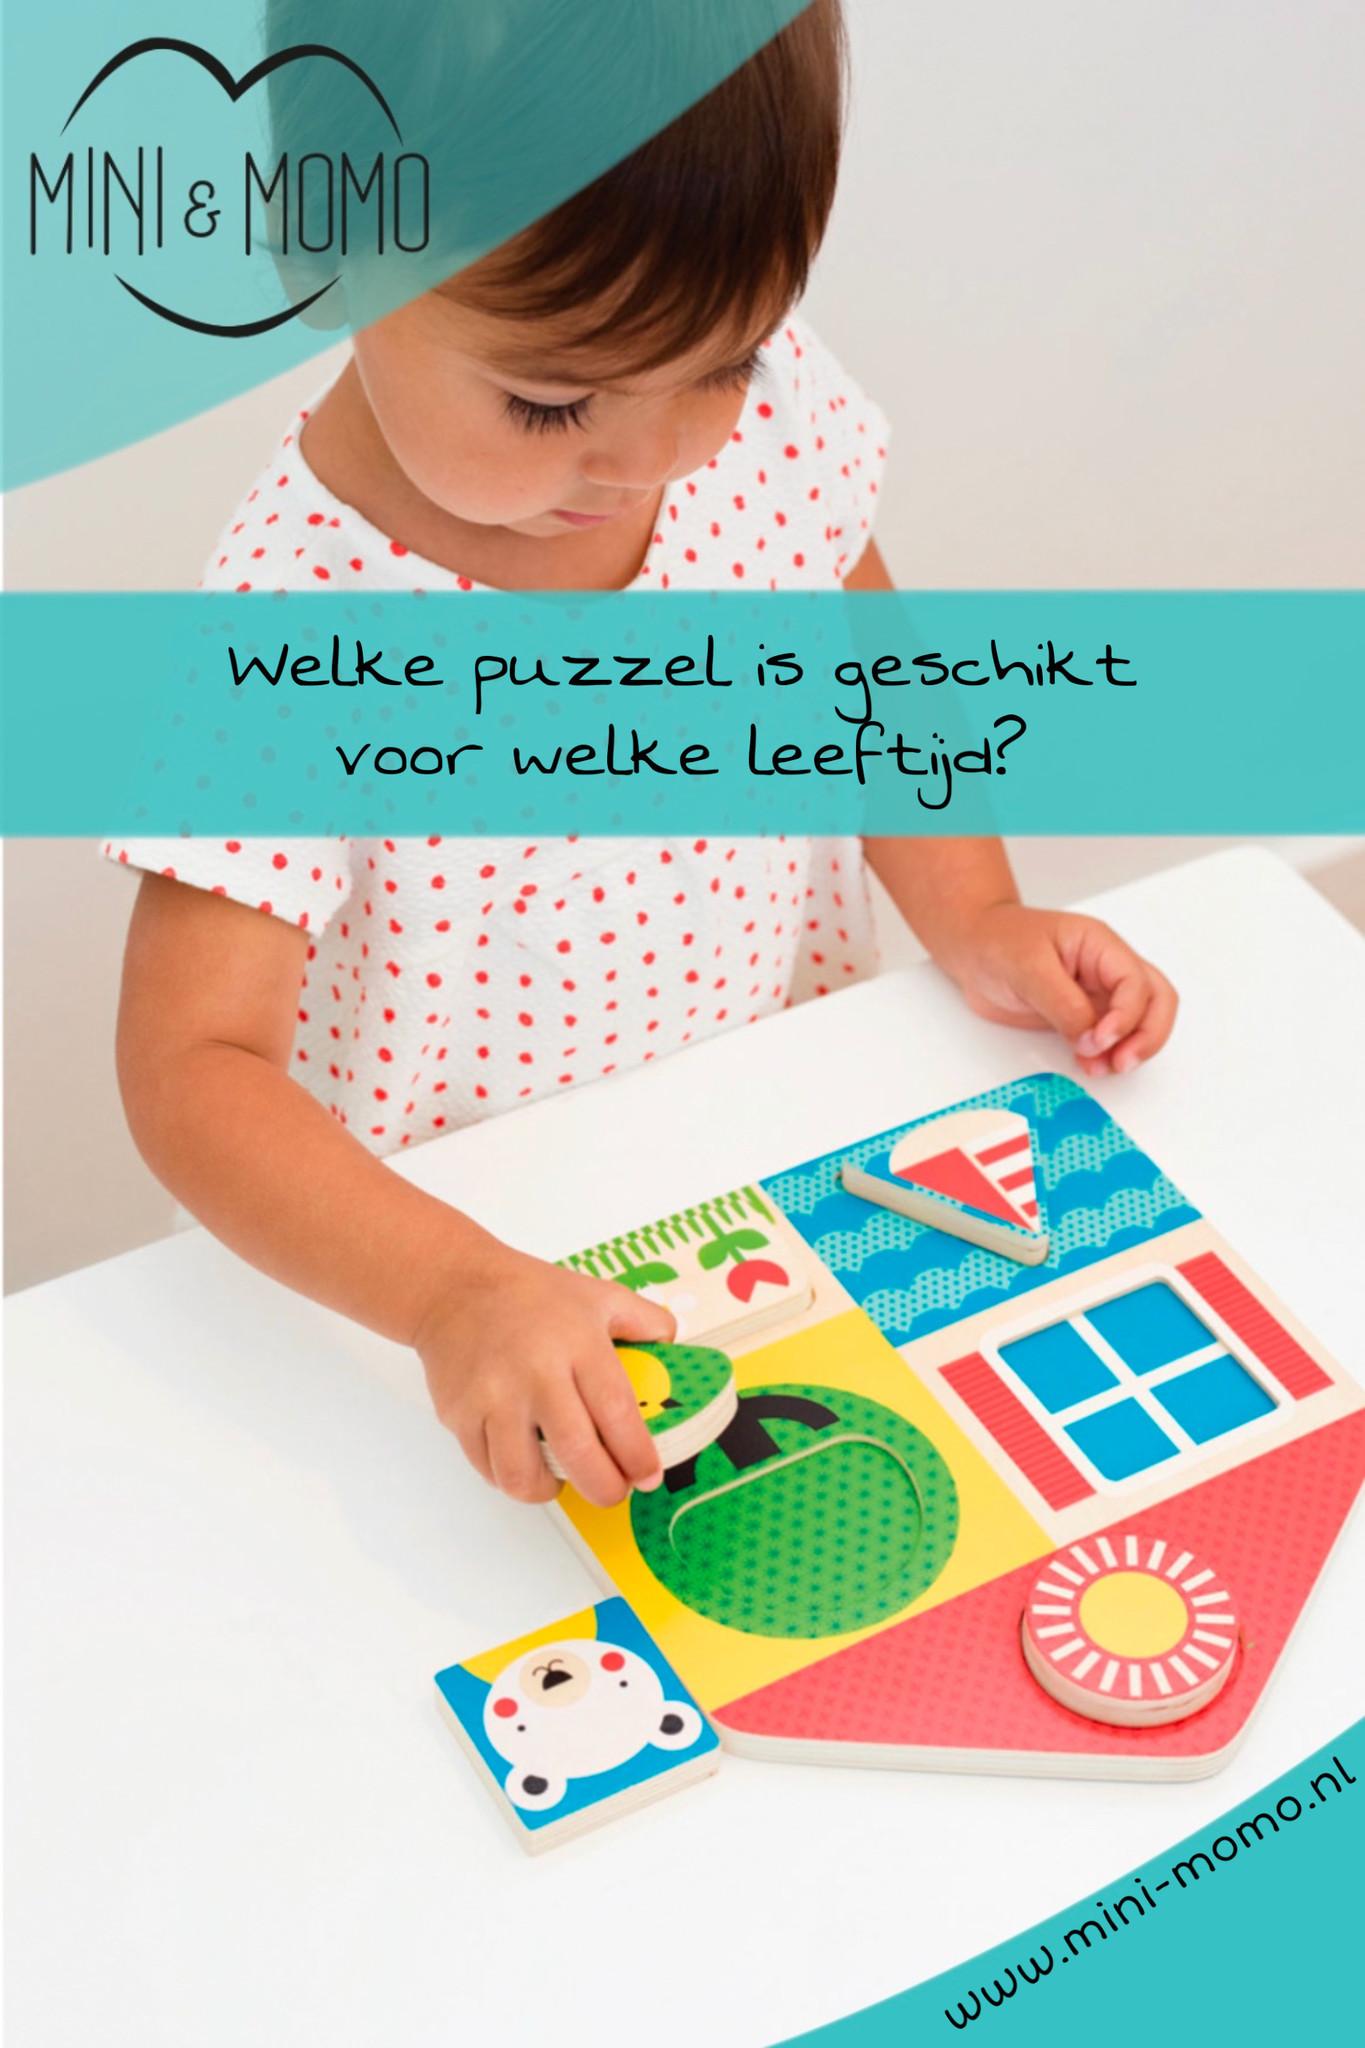 Welke puzzel is geschikt voor welke leeftijd?